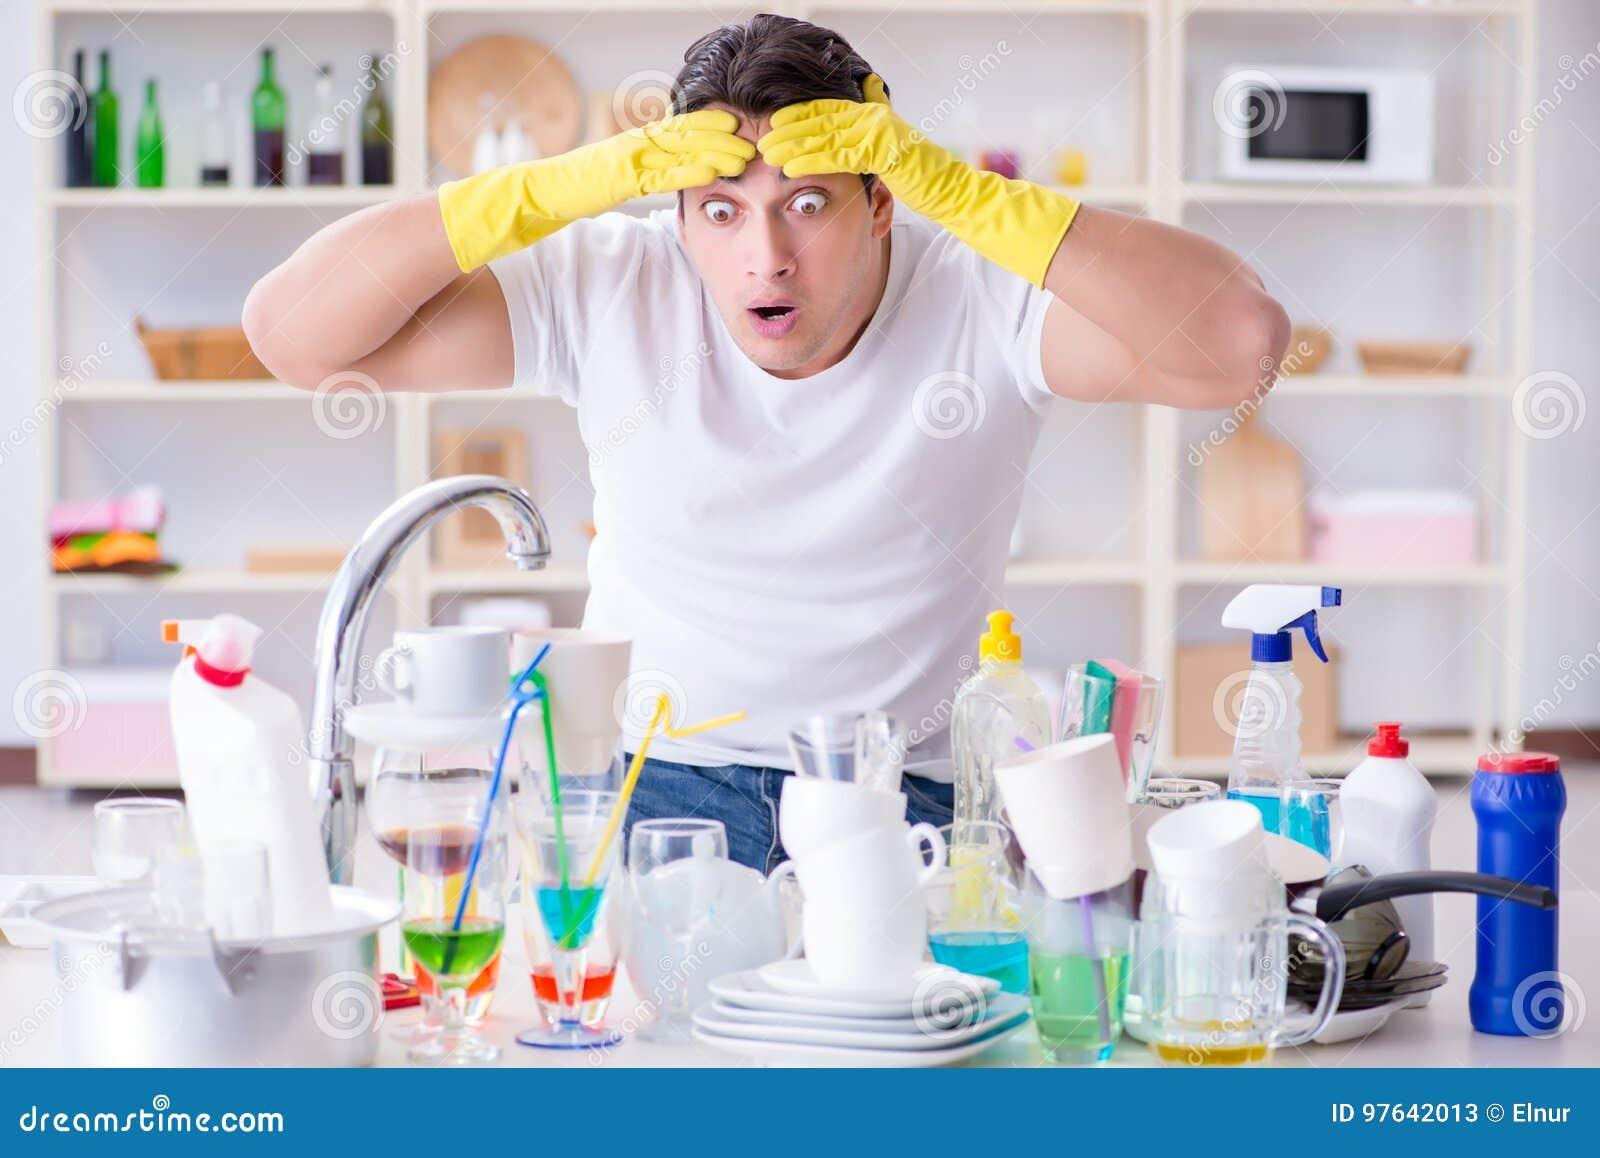 El Hombre Frustrado En Tener Que Lavar Platos Imagen De